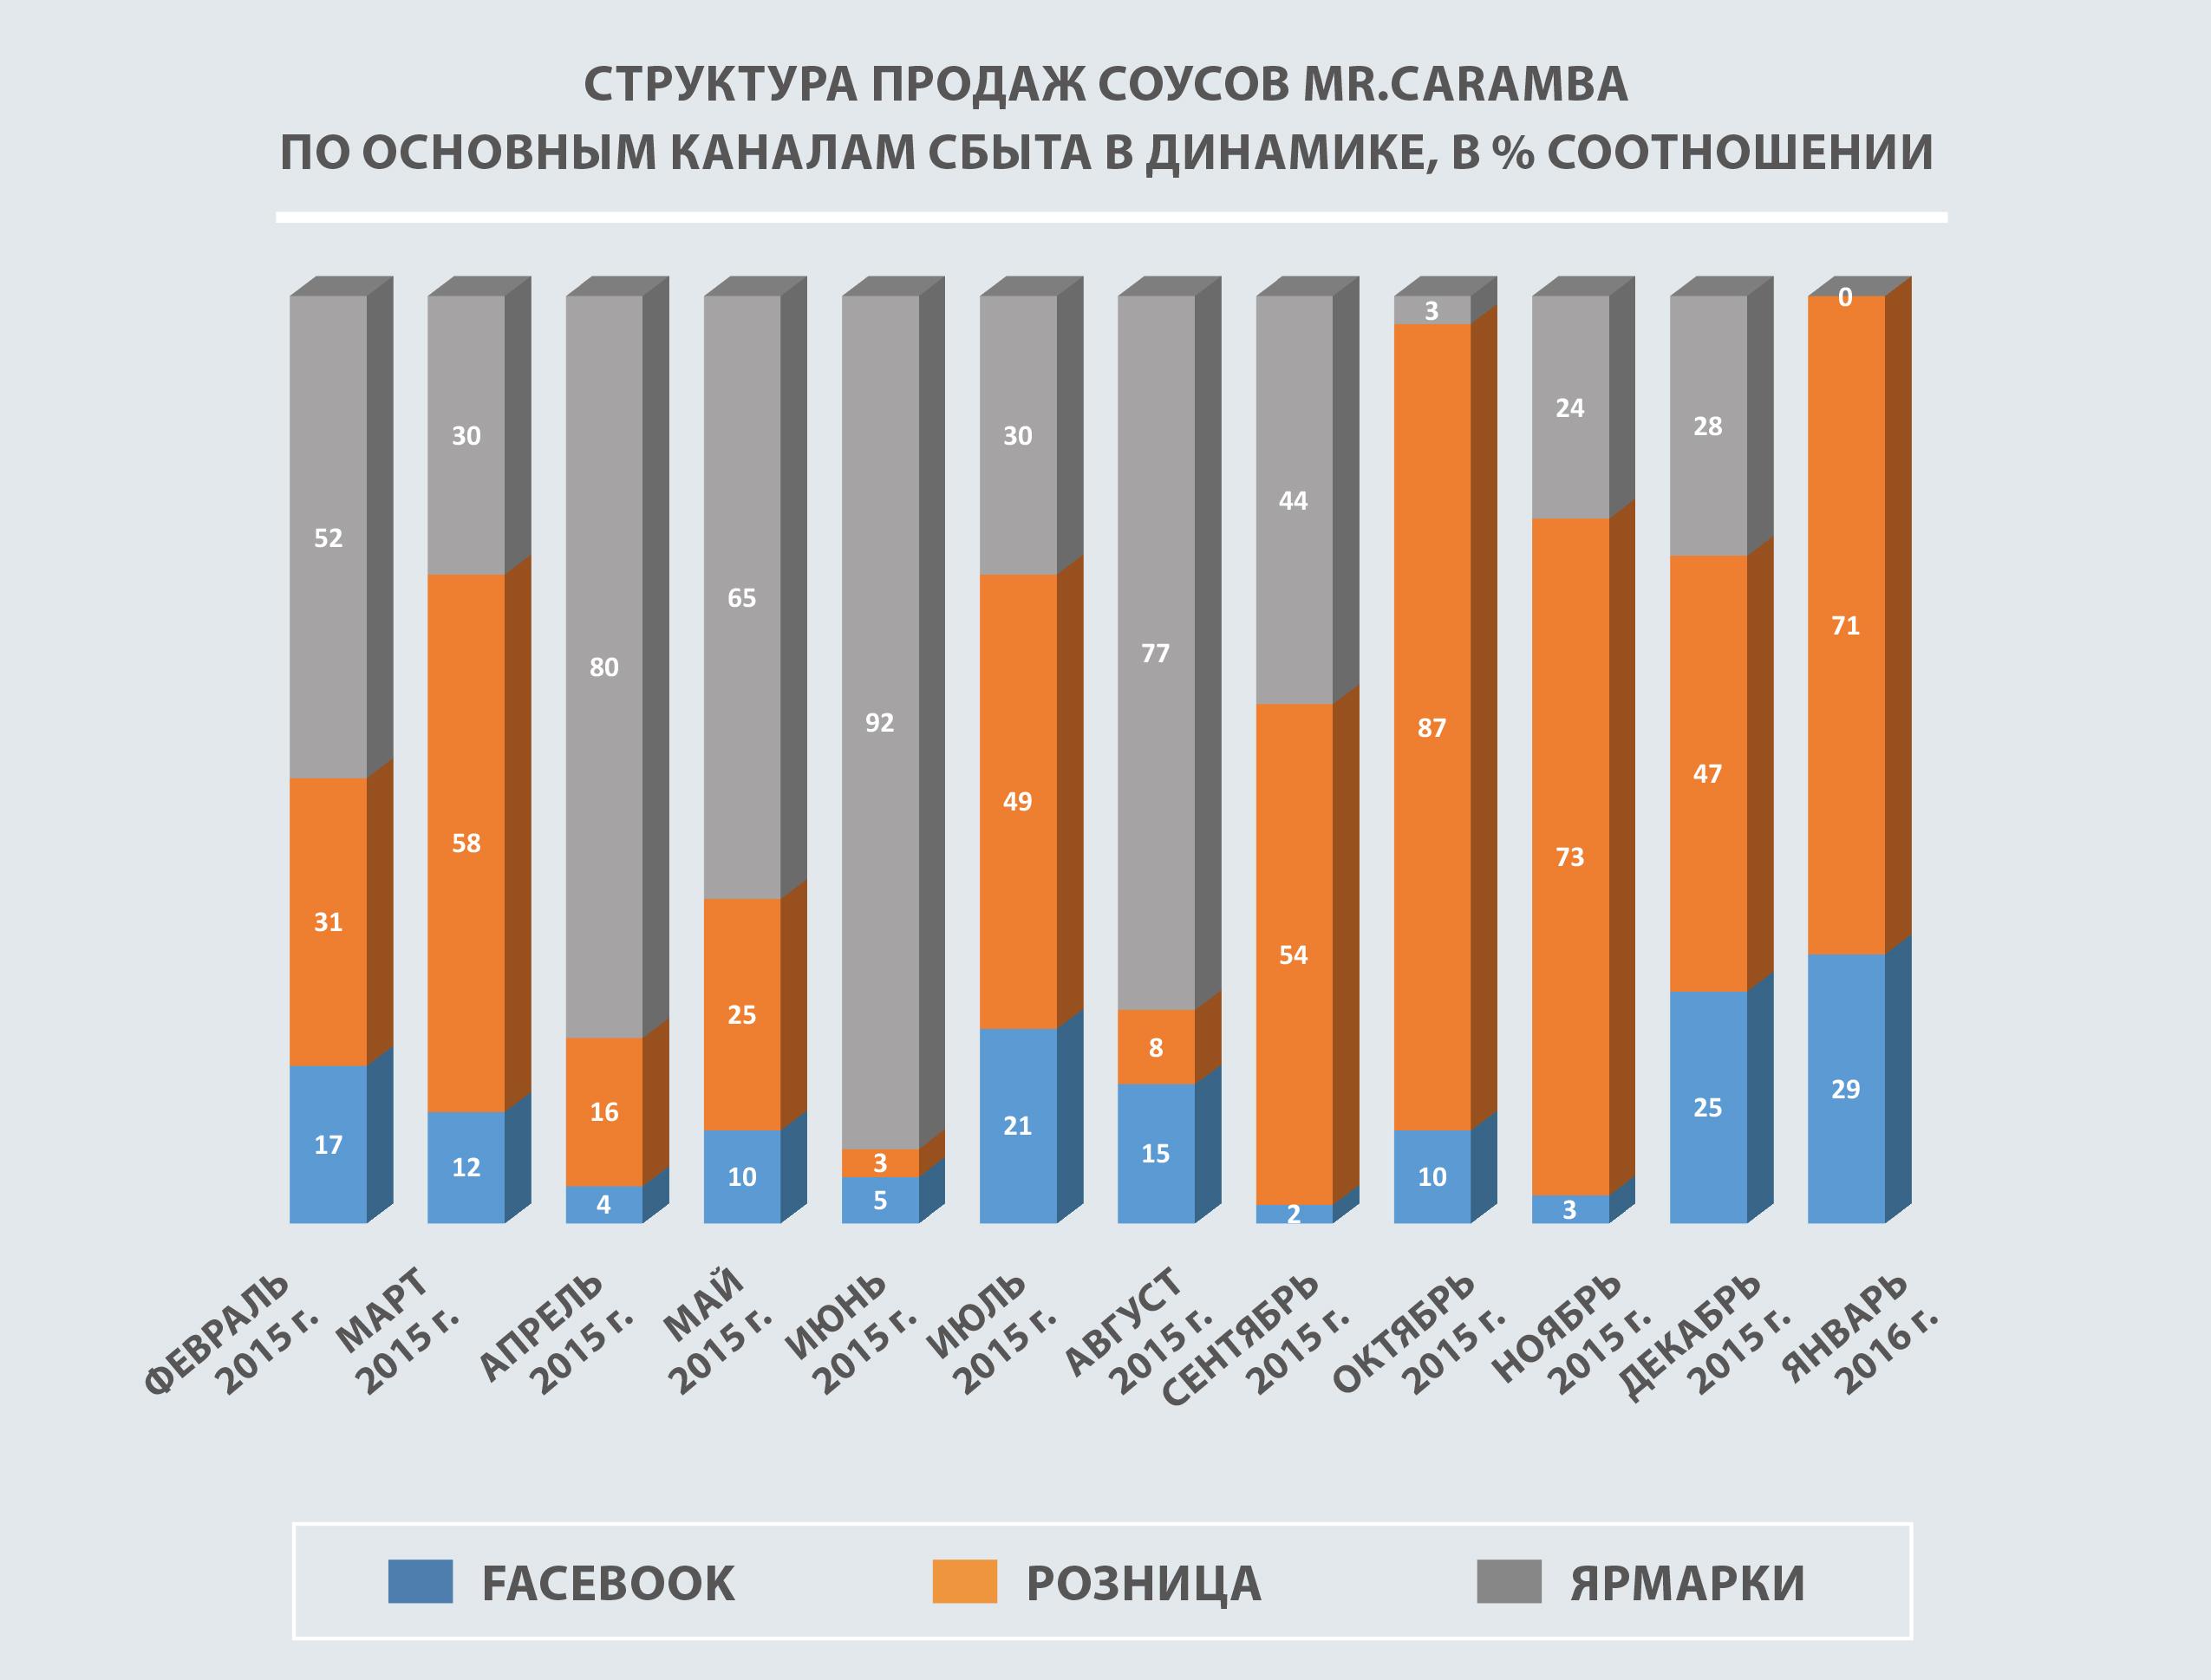 продажи Mr.Caramba, каналы продаж, процентное соотношение каналов продаж